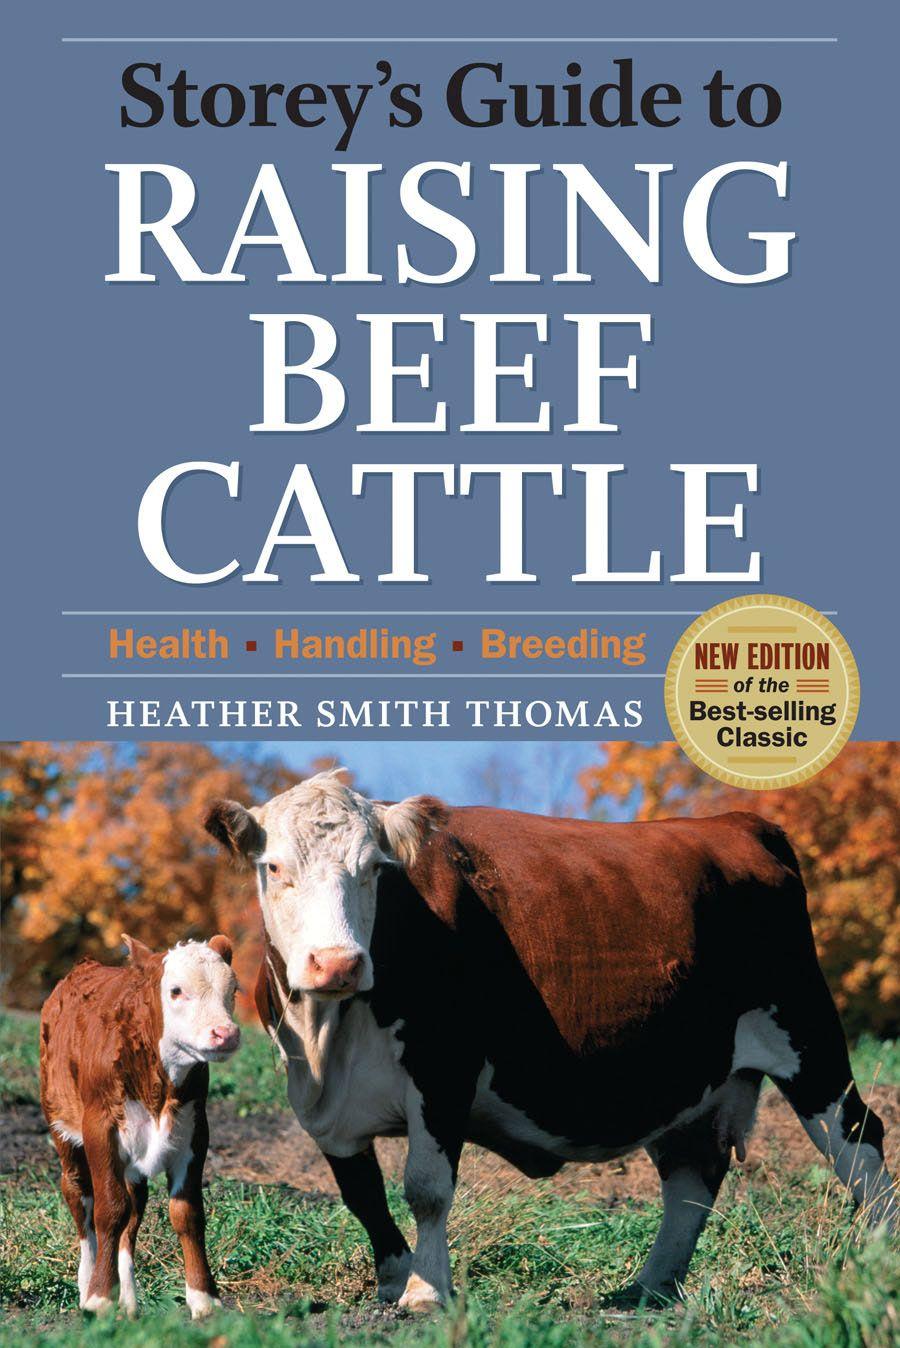 25 best beef cattle ideas on pinterest cattle cattle farming